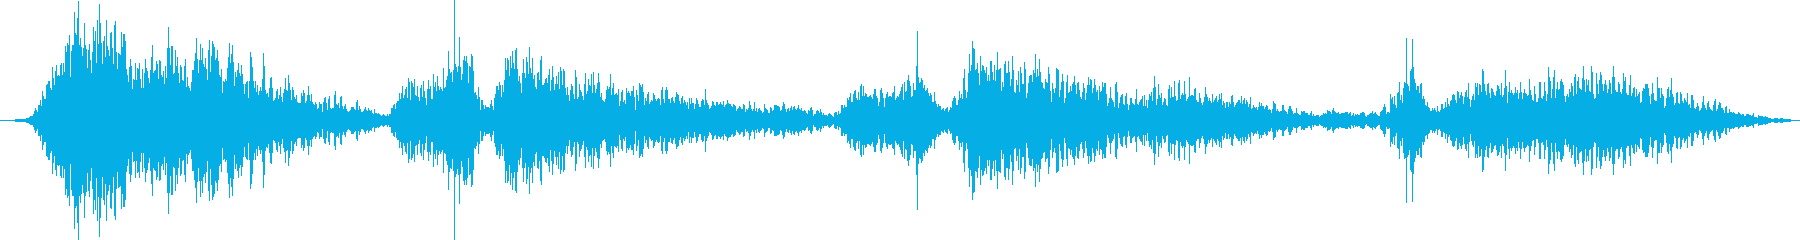 大人のトラ:うなり声と怒りのうなり...の再生済みの波形